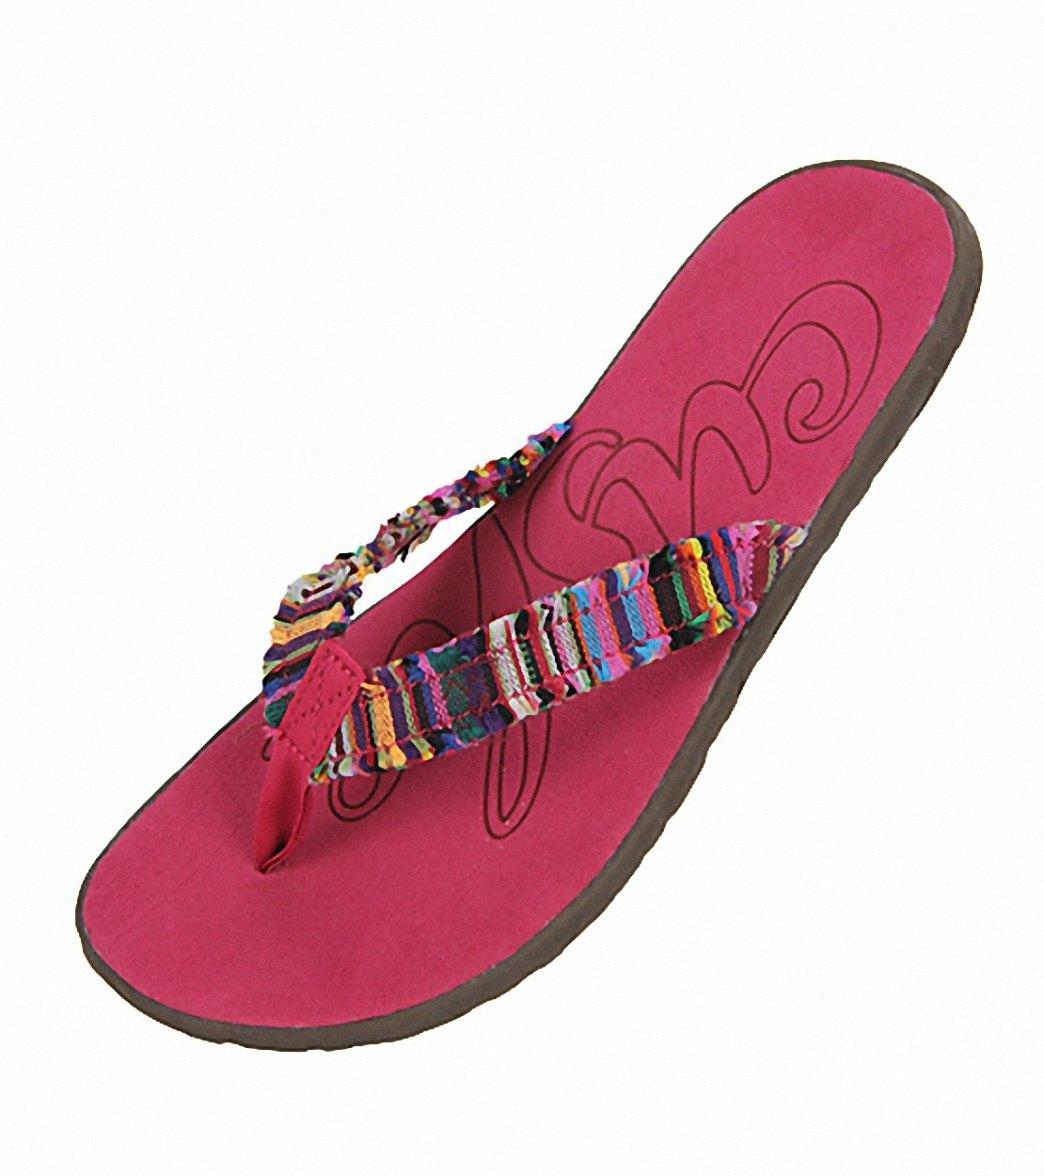 389e77ff8d09 Cushe Women s Flipper Flip Flop at SwimOutlet.com